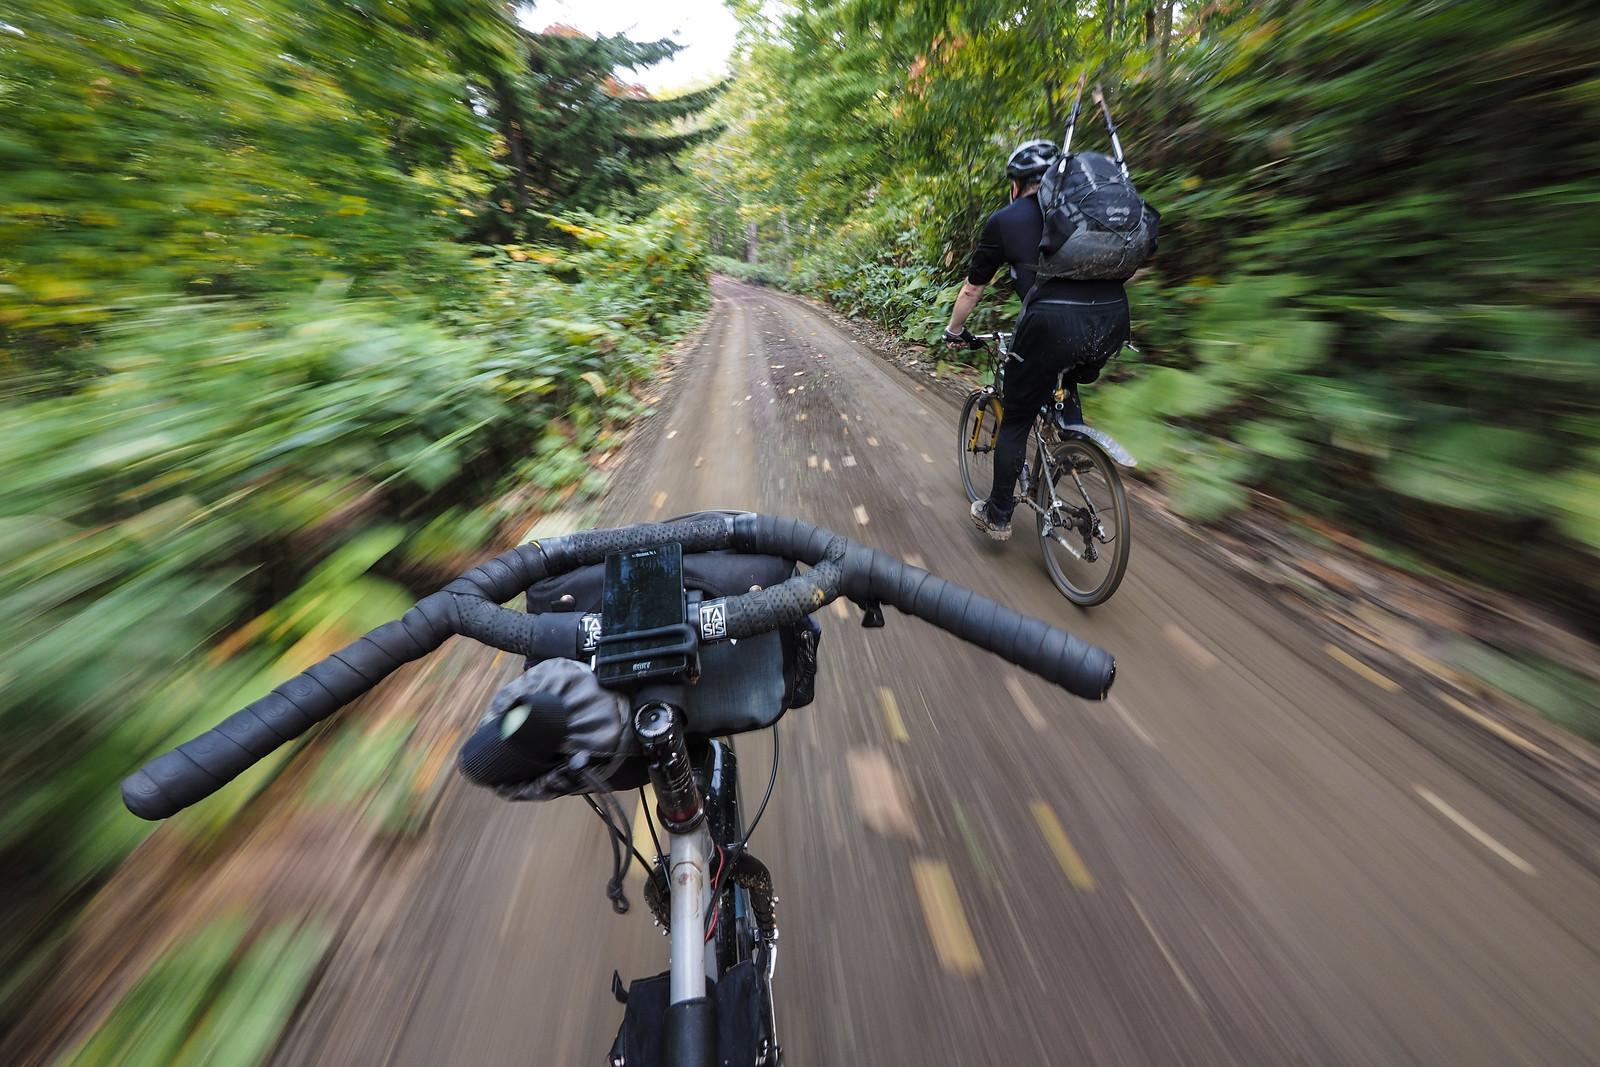 Soranuma-dake Overnight Bike 'n Hike (Hokkaido, Japan)